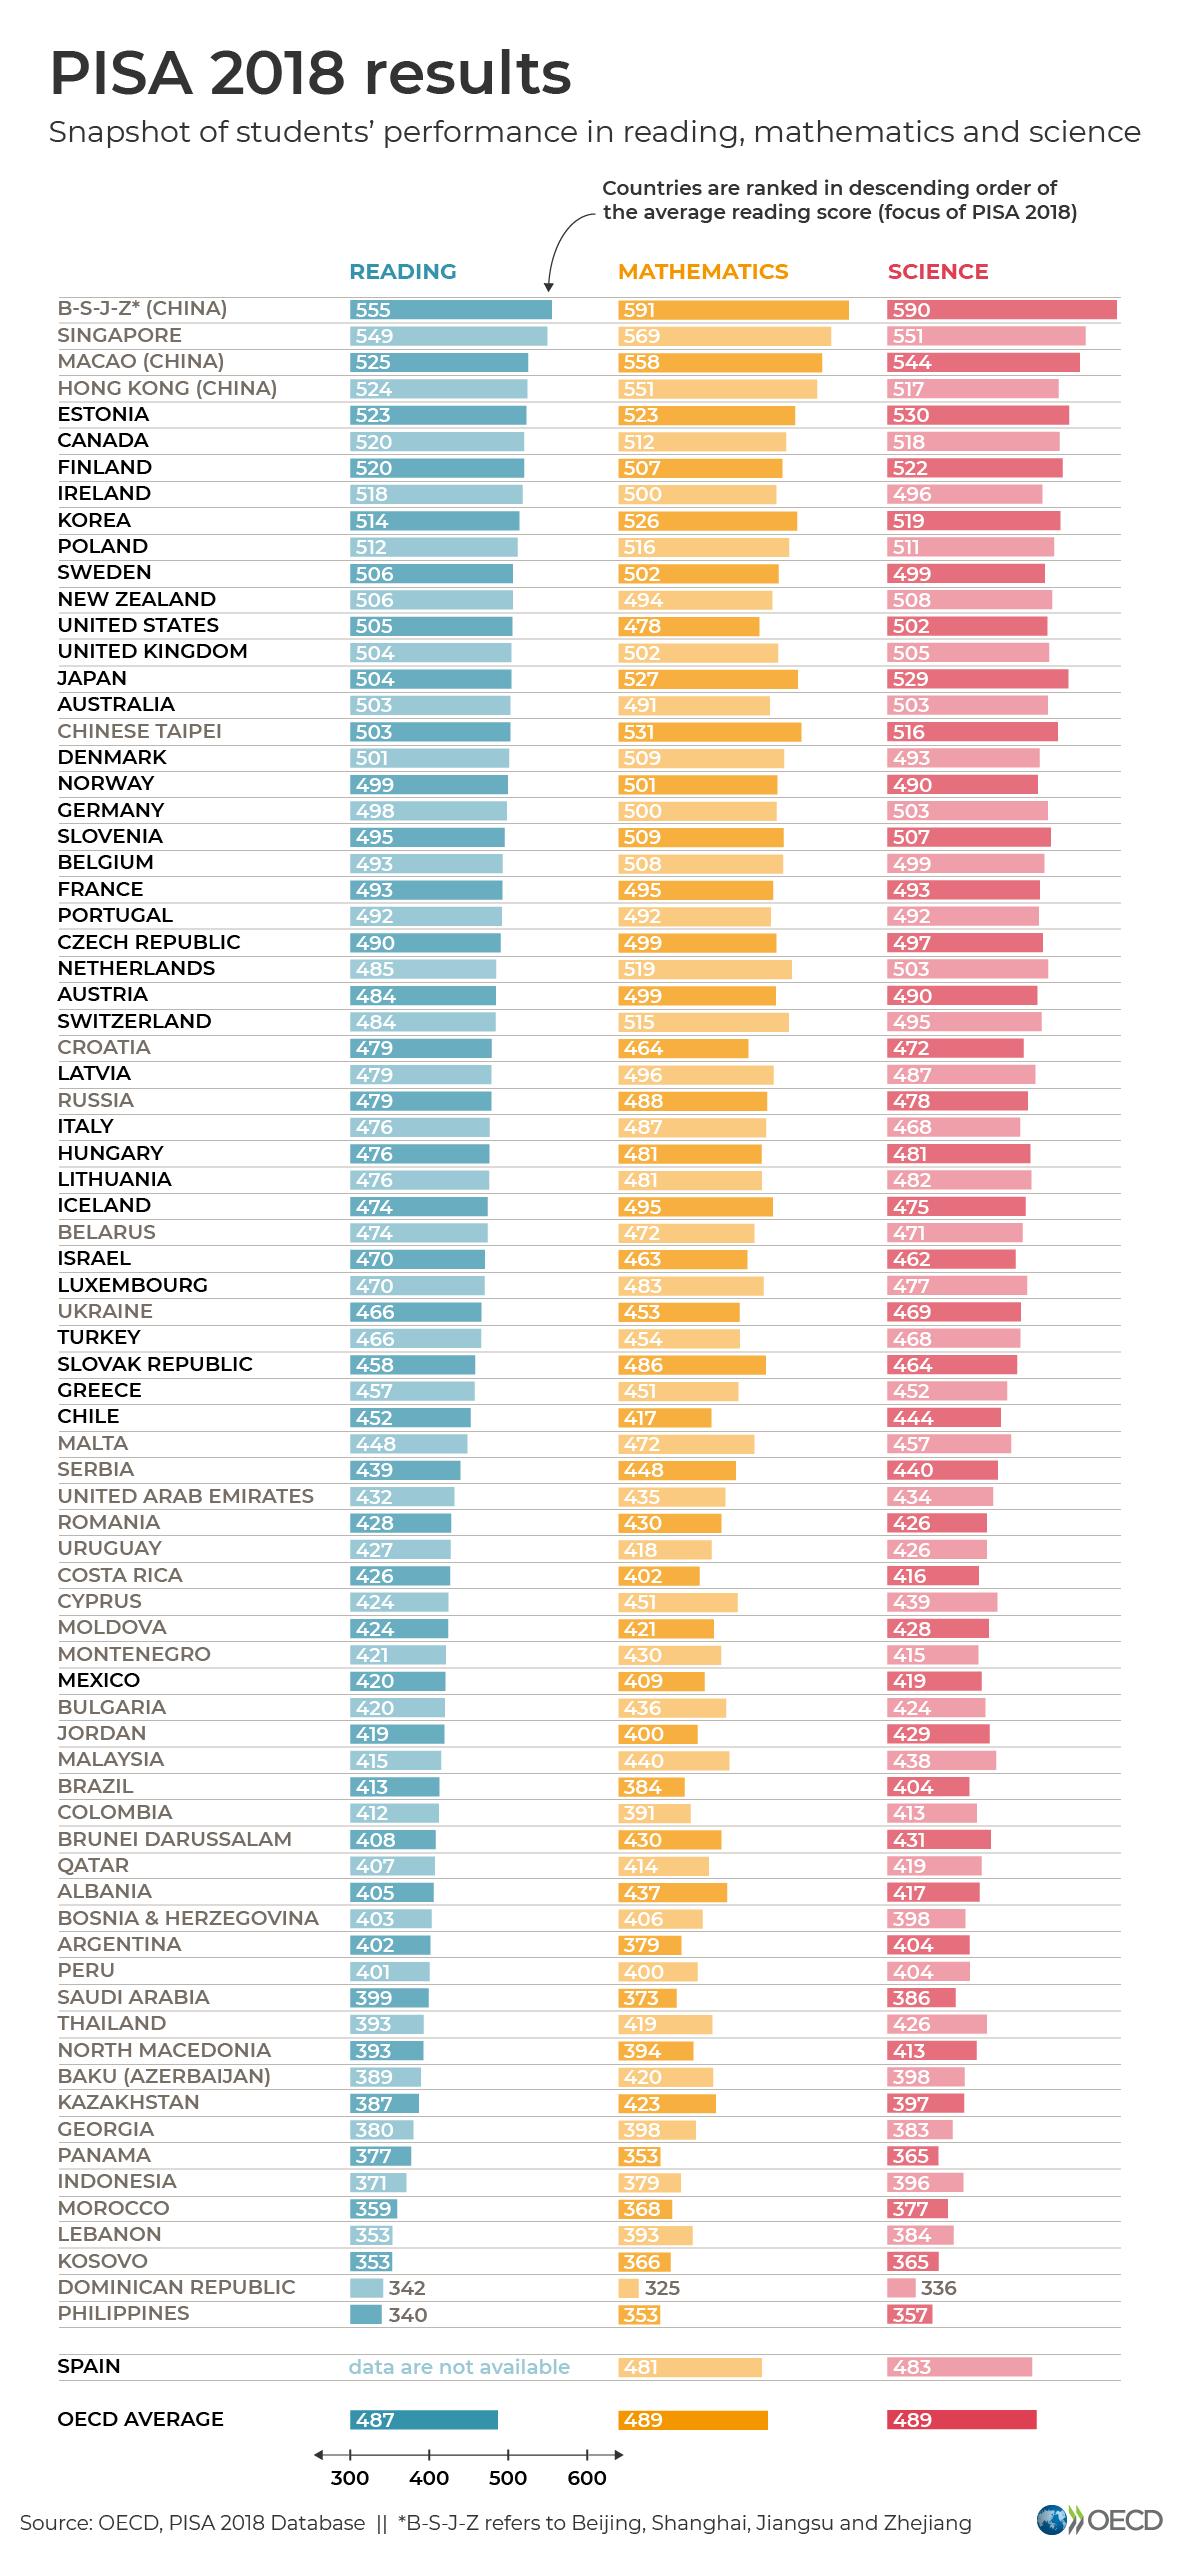 Фиг. 1. Резултати от теста ПИЗА за 2018 г.; Източник и снимка: OECD